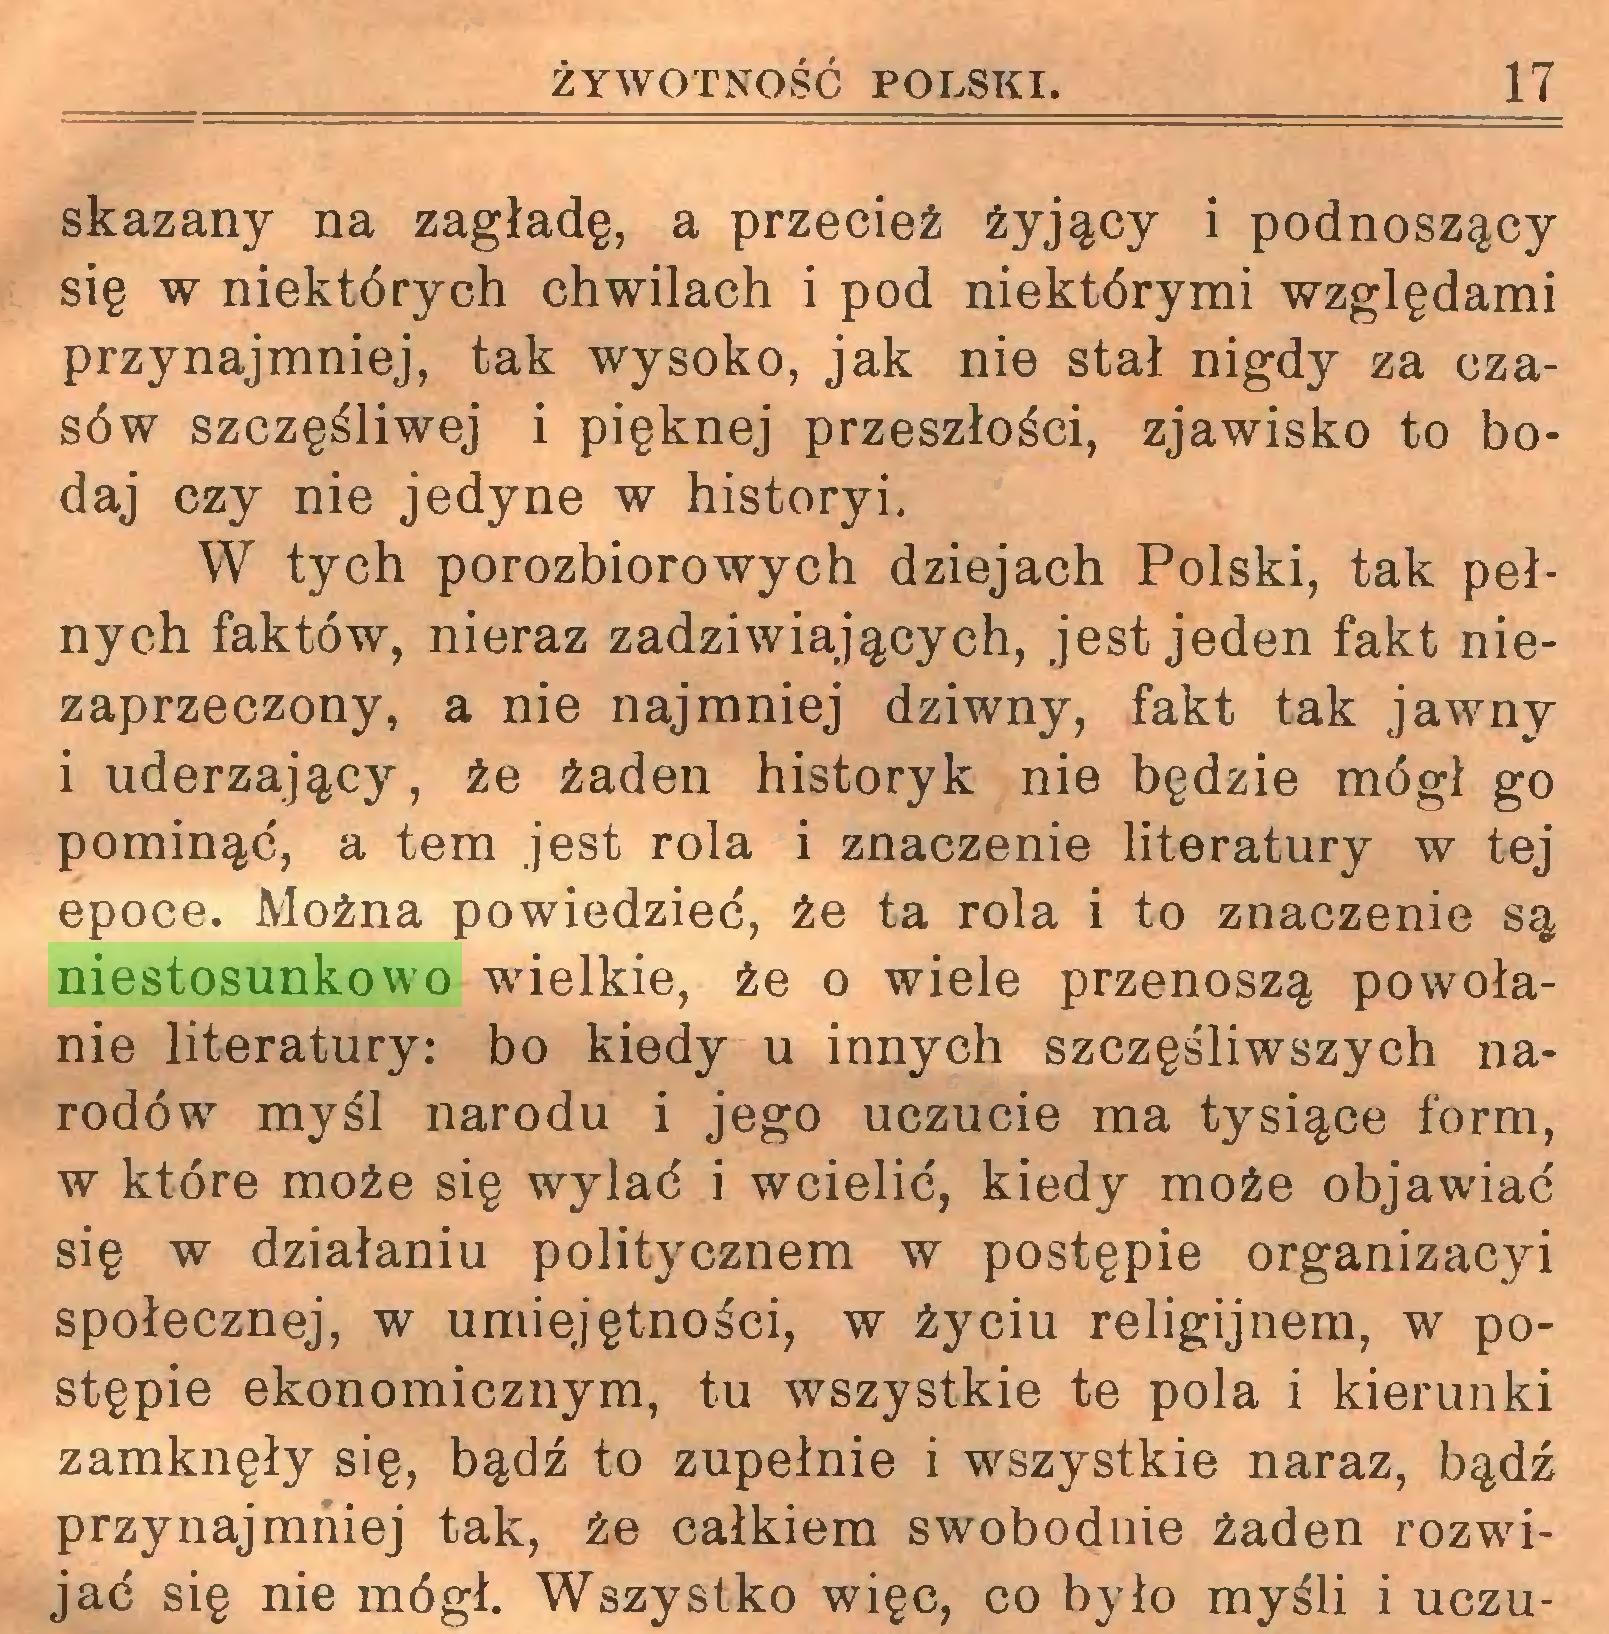 (...) ŻYWOTNOŚĆ POLSKI. 17 skazany na zagładę, a przecież żyjący i podnoszący się w niektórych chwilach i pod niektórymi względami przynajmniej, tak wysoko, jak nie stał nigdy za czasów szczęśliwej i pięknej przeszłości, zjawisko to bodaj czy nie jedyne w historyi, W tych porozbiorowych dziejach Polski, tak pełnych faktów, nieraz zadziwiających, jest jeden fakt niezaprzeczony, a nie najmniej dziwny, fakt tak jawny i uderzający, że żaden historyk nie będzie mógł go pominąć, a tern jest rola i znaczenie literatury w tej epoce. Można powiedzieć, że ta rola i to znaczenie są niestosunkowo wielkie, że o wiele przenoszą powołanie literatury: bo kiedy u innych szczęśliwszych narodów myśl narodu i jego uczucie ma tysiące form, w które może się wylać i wcielić, kiedy może objawiać się w działaniu politycznem w postępie organizacyi społecznej, w umiejętności, w życiu religijnem, w postępie ekonomicznym, tu wszystkie te pola i kierunki zamknęły się, bądź to zupełnie i wszystkie naraz, bądź przynajmniej tak, że całkiem swobodnie żaden rozwijać się nie mógł. Wszystko więc, co było myśli i uczu...